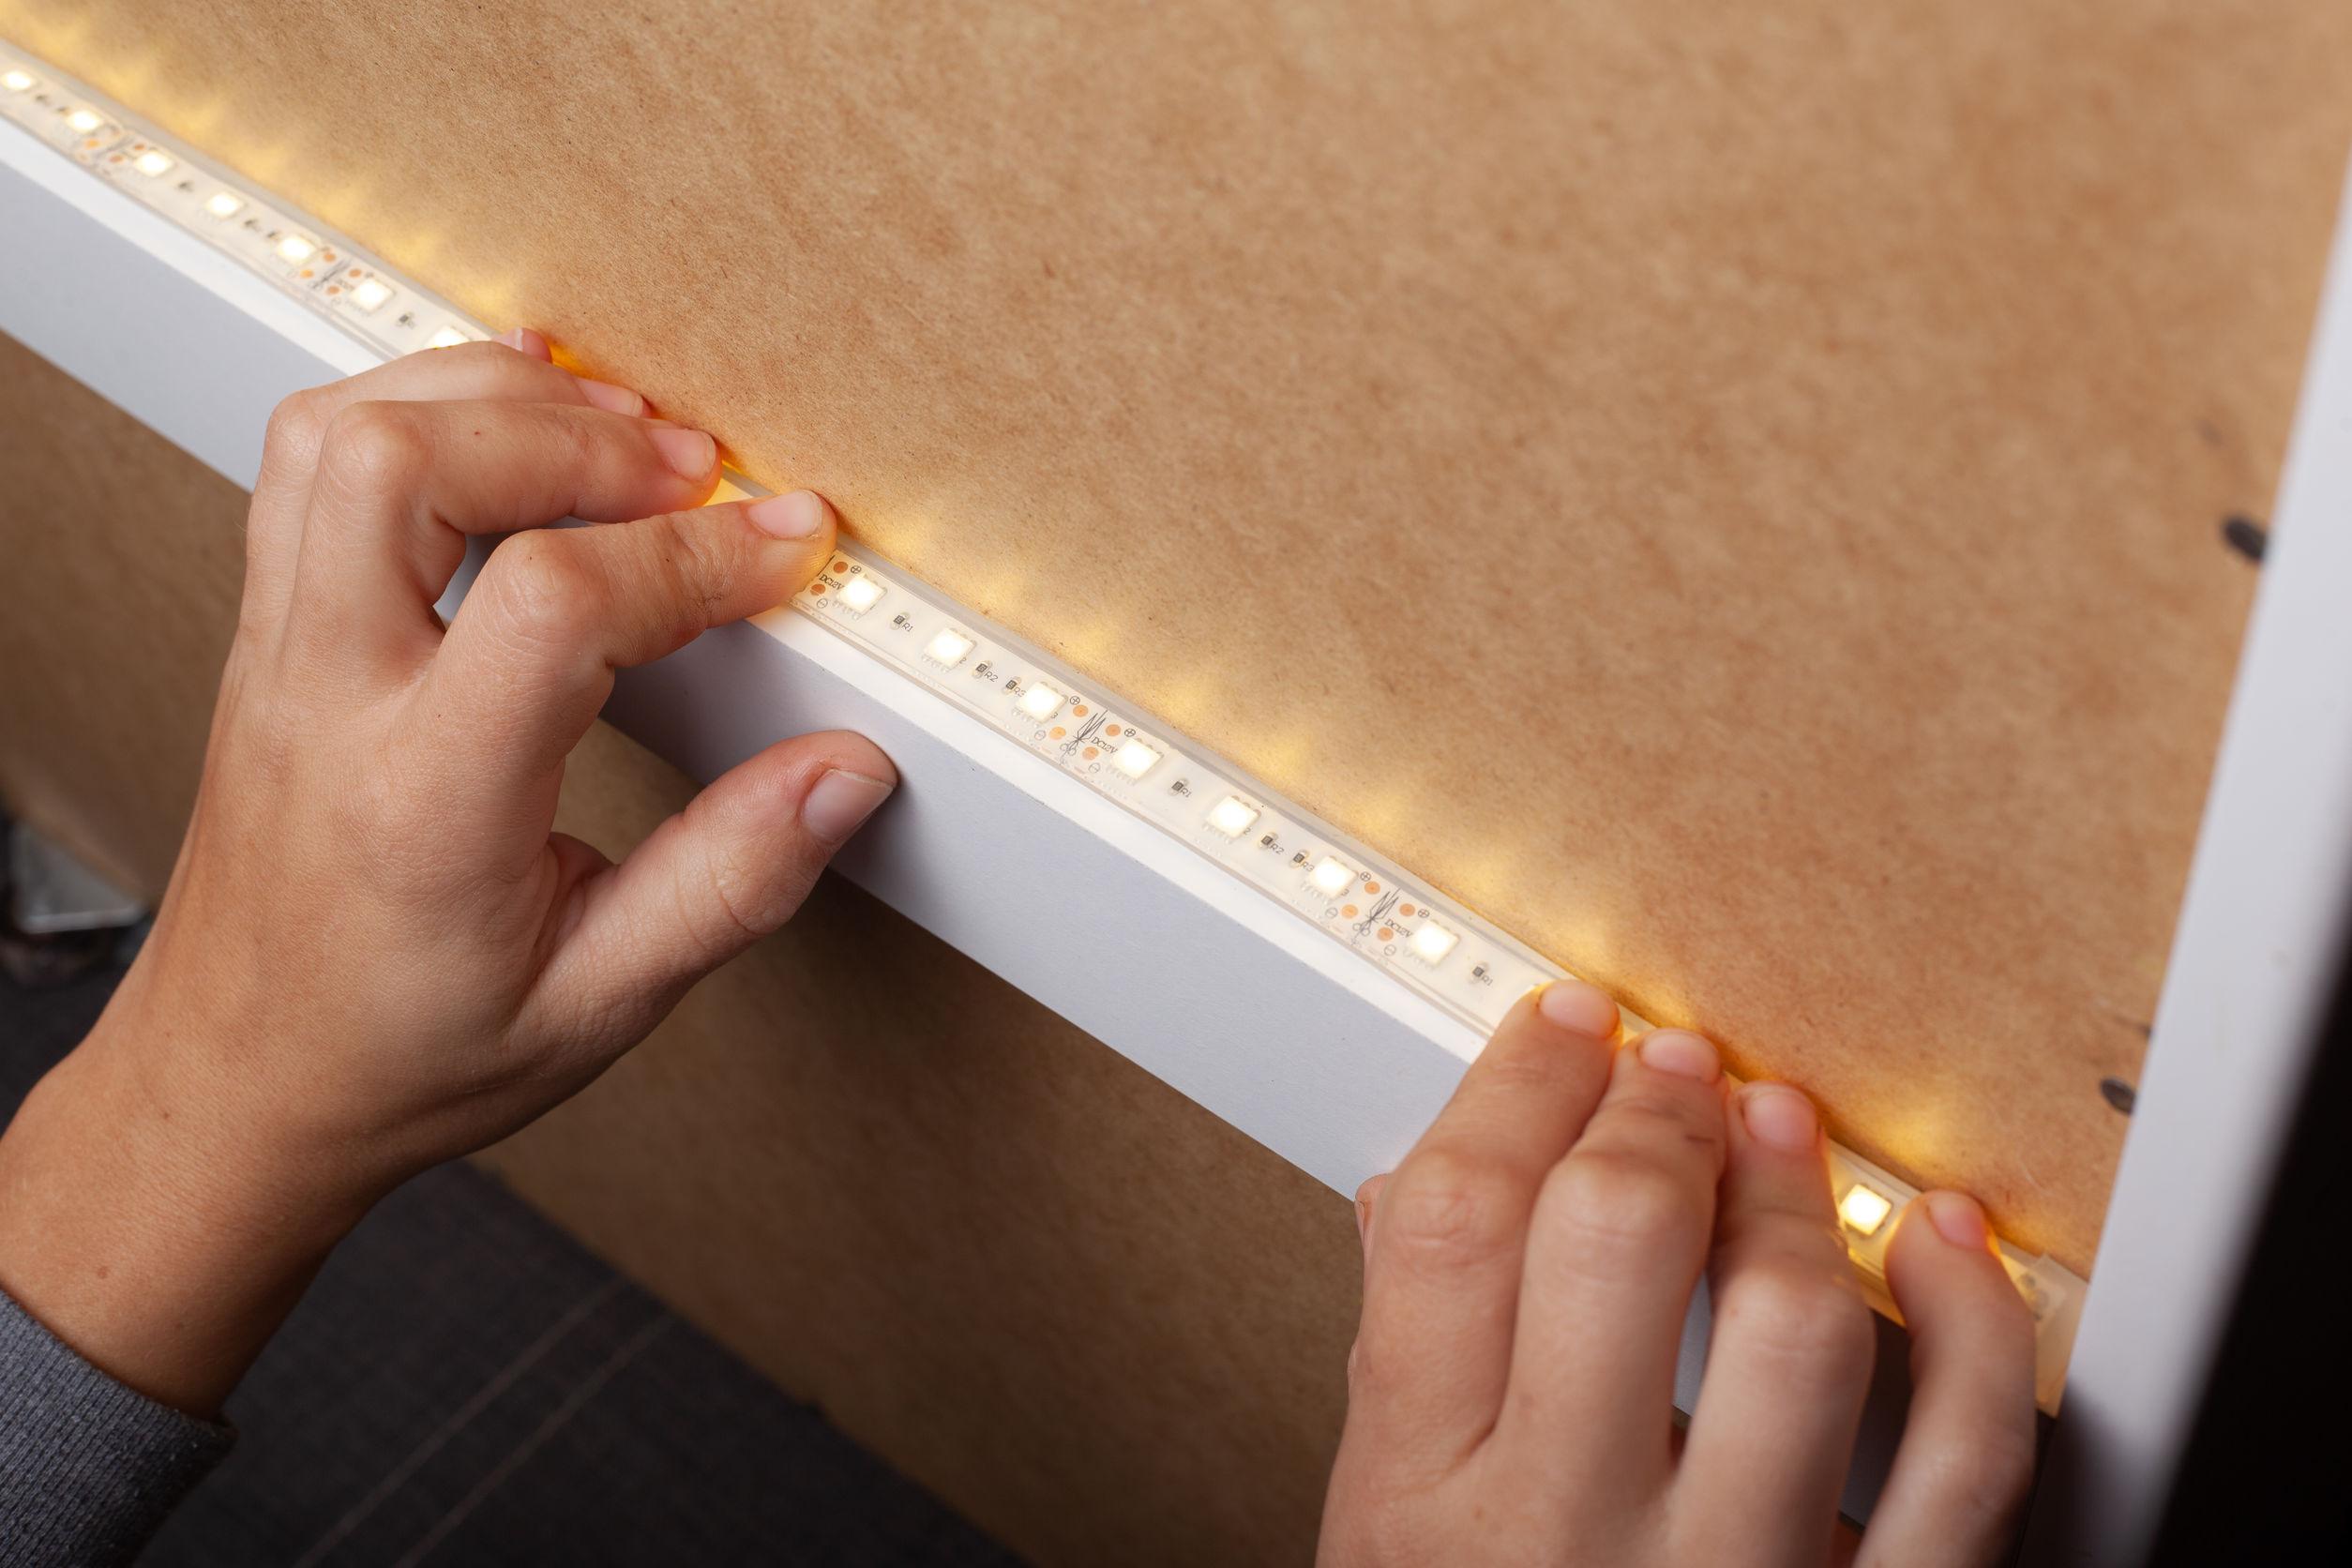 Imagem mostra uma pessoa instalando uma fita de LED.